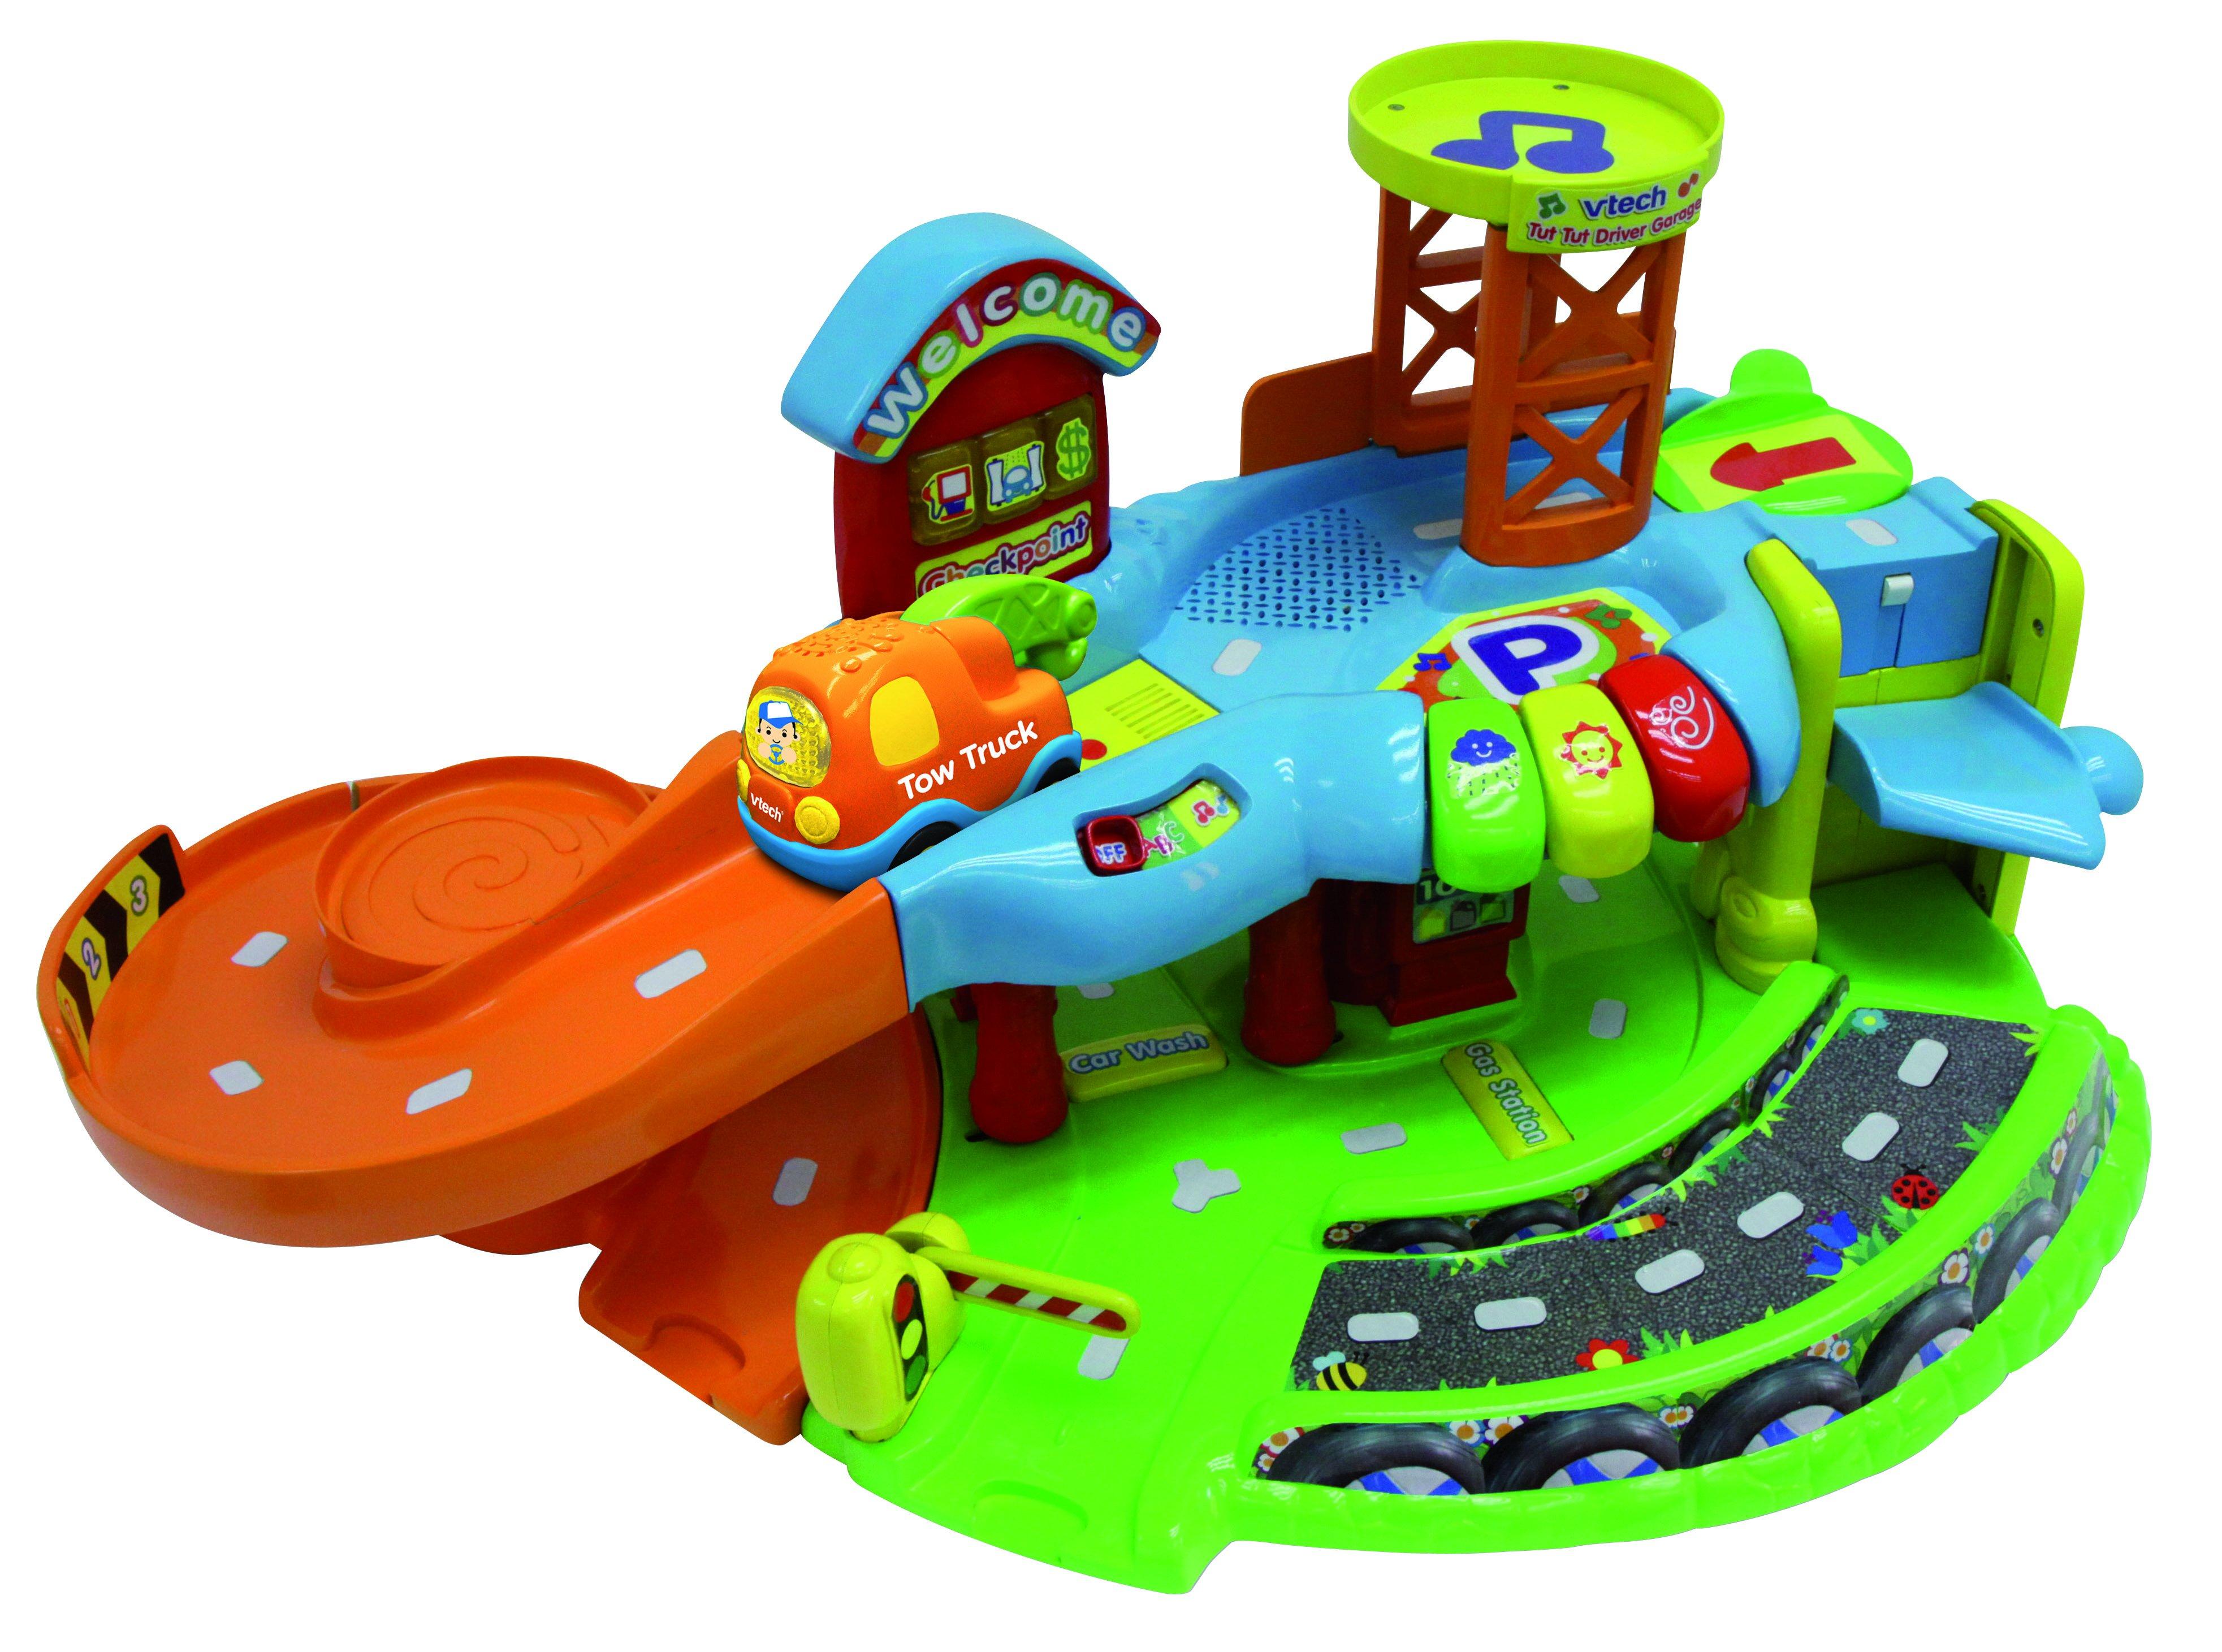 Palmar s grand prix du jouet 2011 la revue du jouet for Dujardin 41273 jeu d action power quest